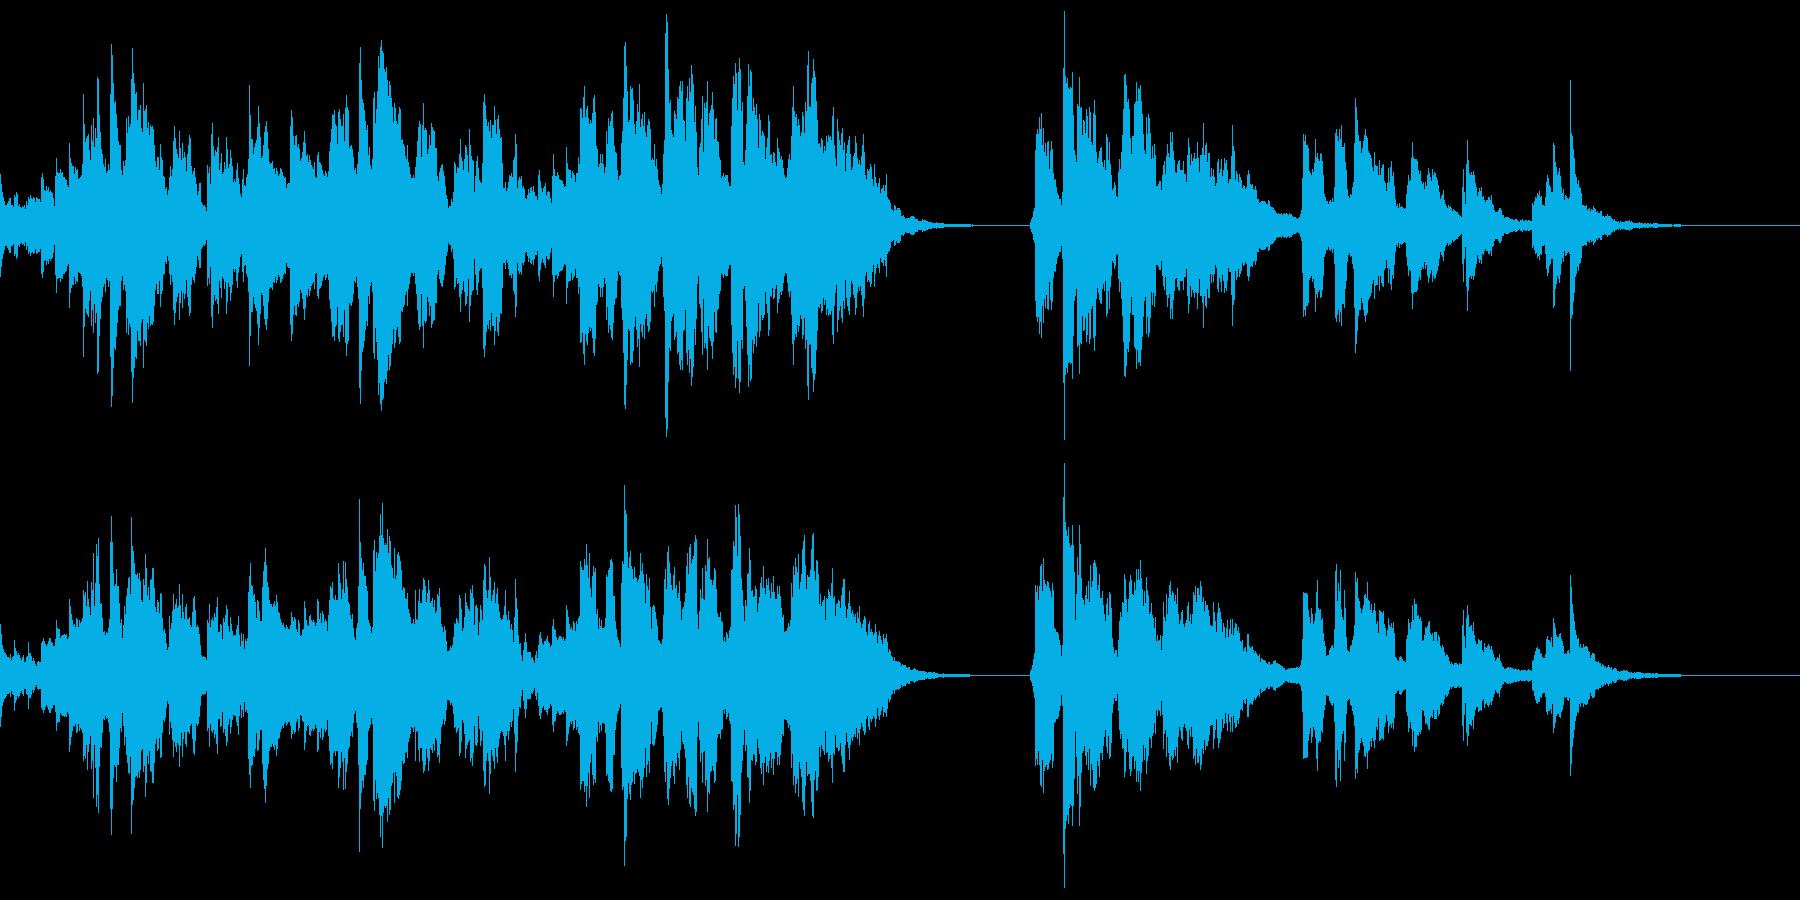 甘いオルゴール伴奏☆ハッピーバースデーの再生済みの波形